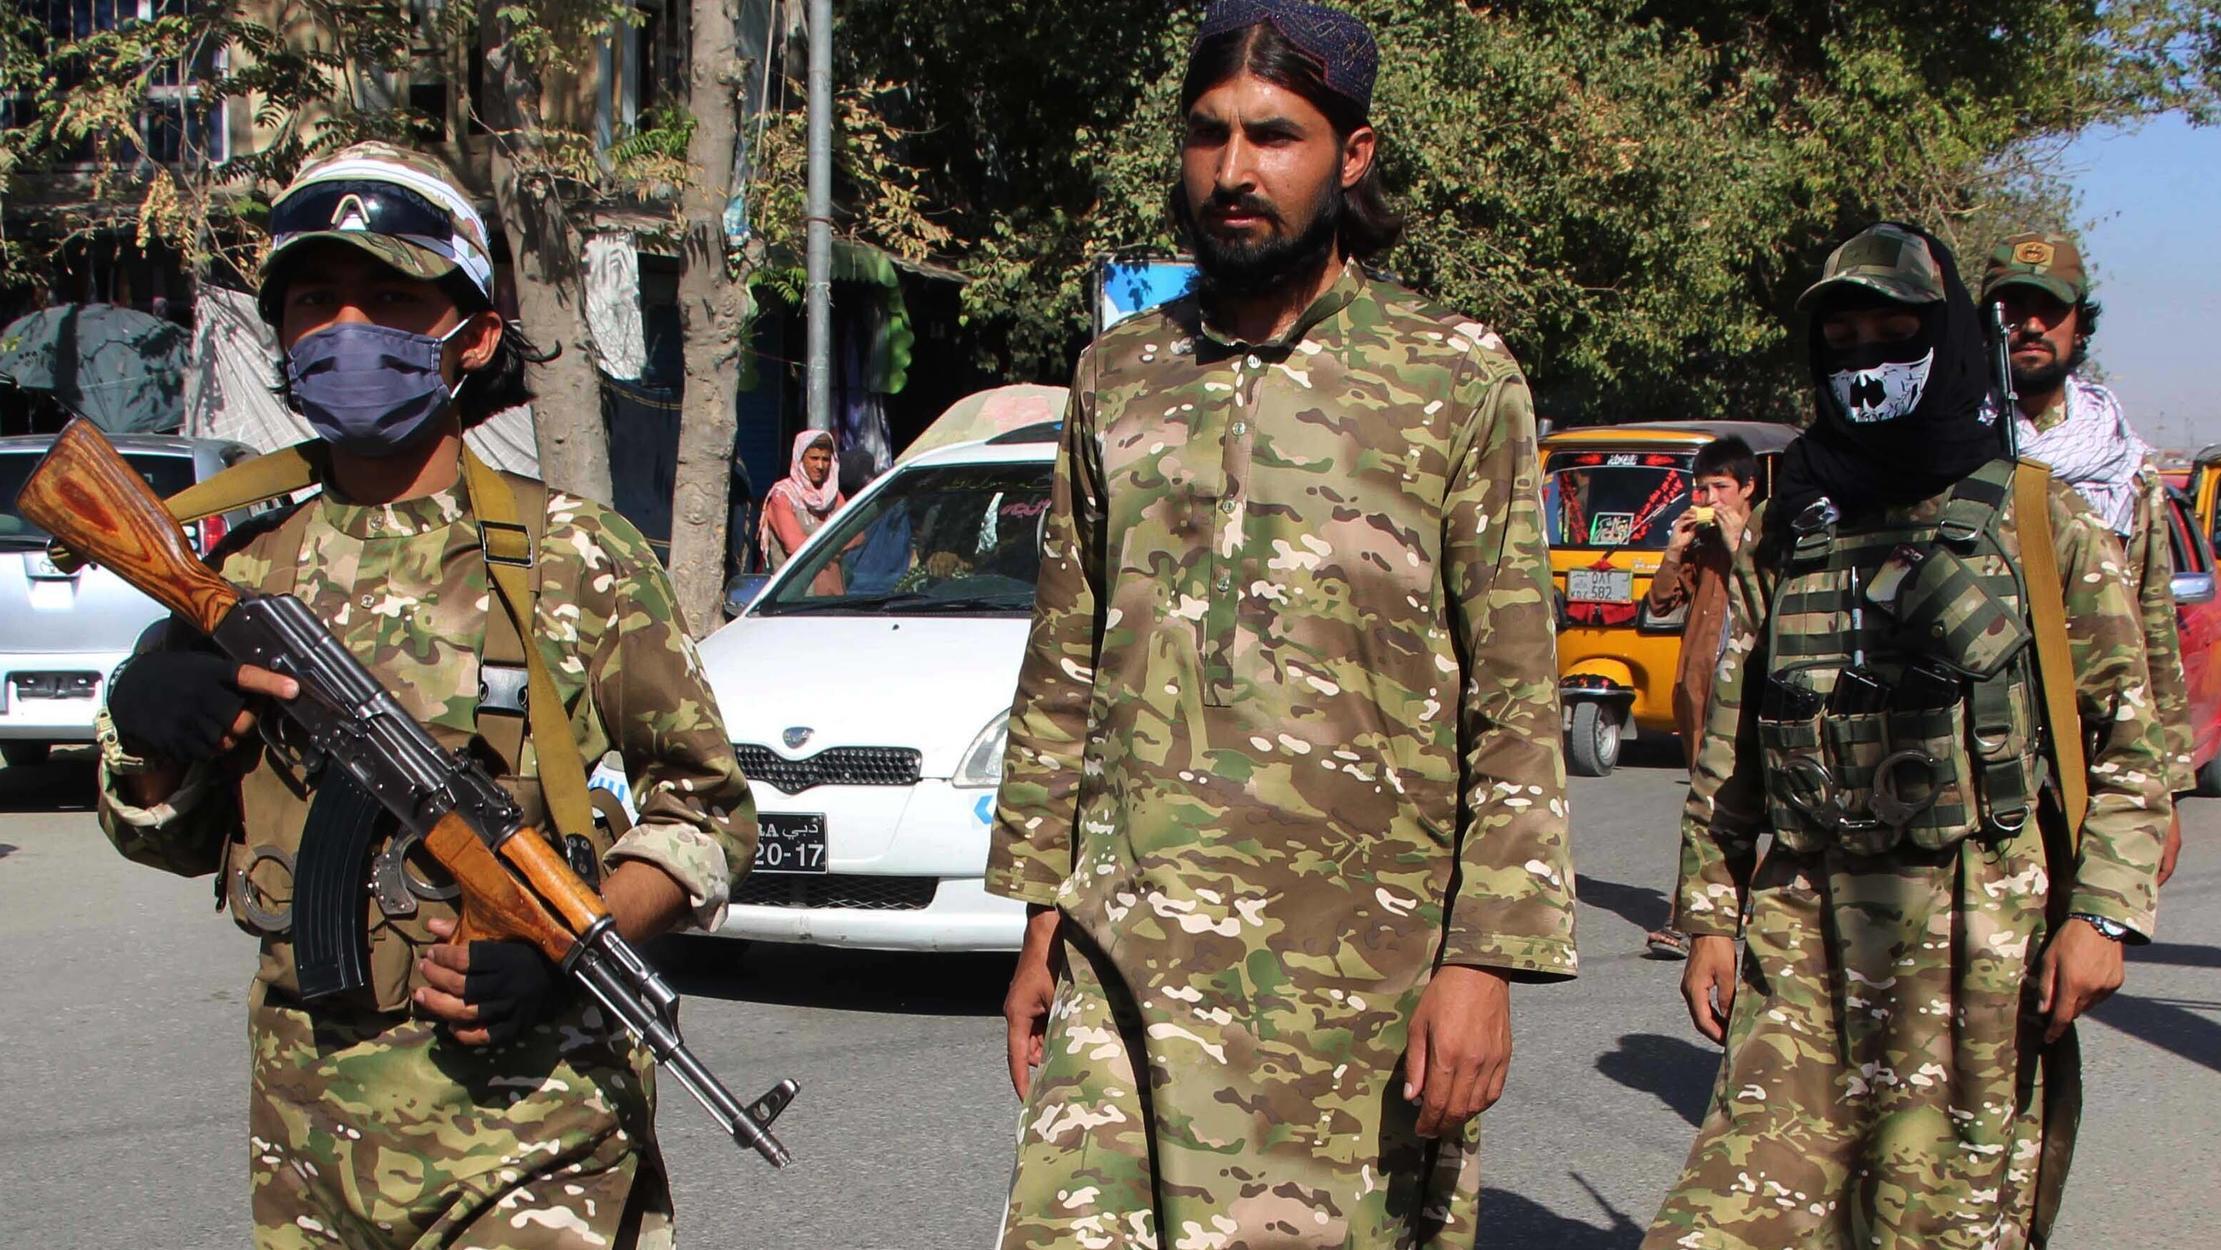 Nach Machtübernahme in Afghanistan: Taliban bedrohen offenbar Studenten in Frankreich